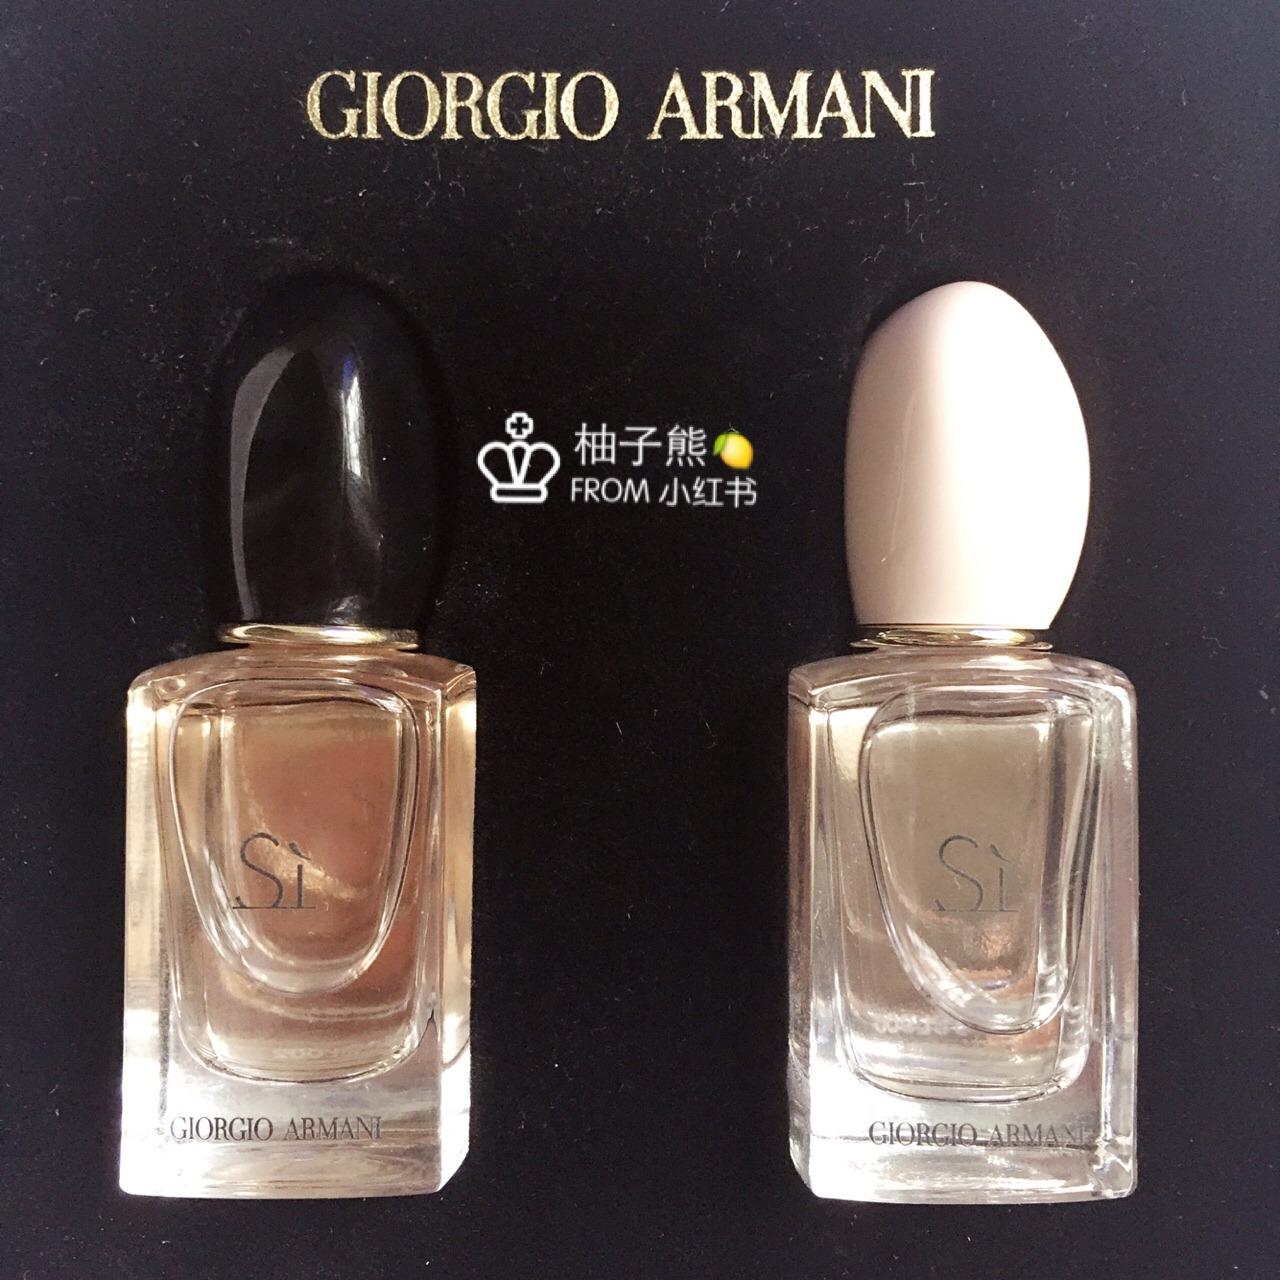 Armani香水Si